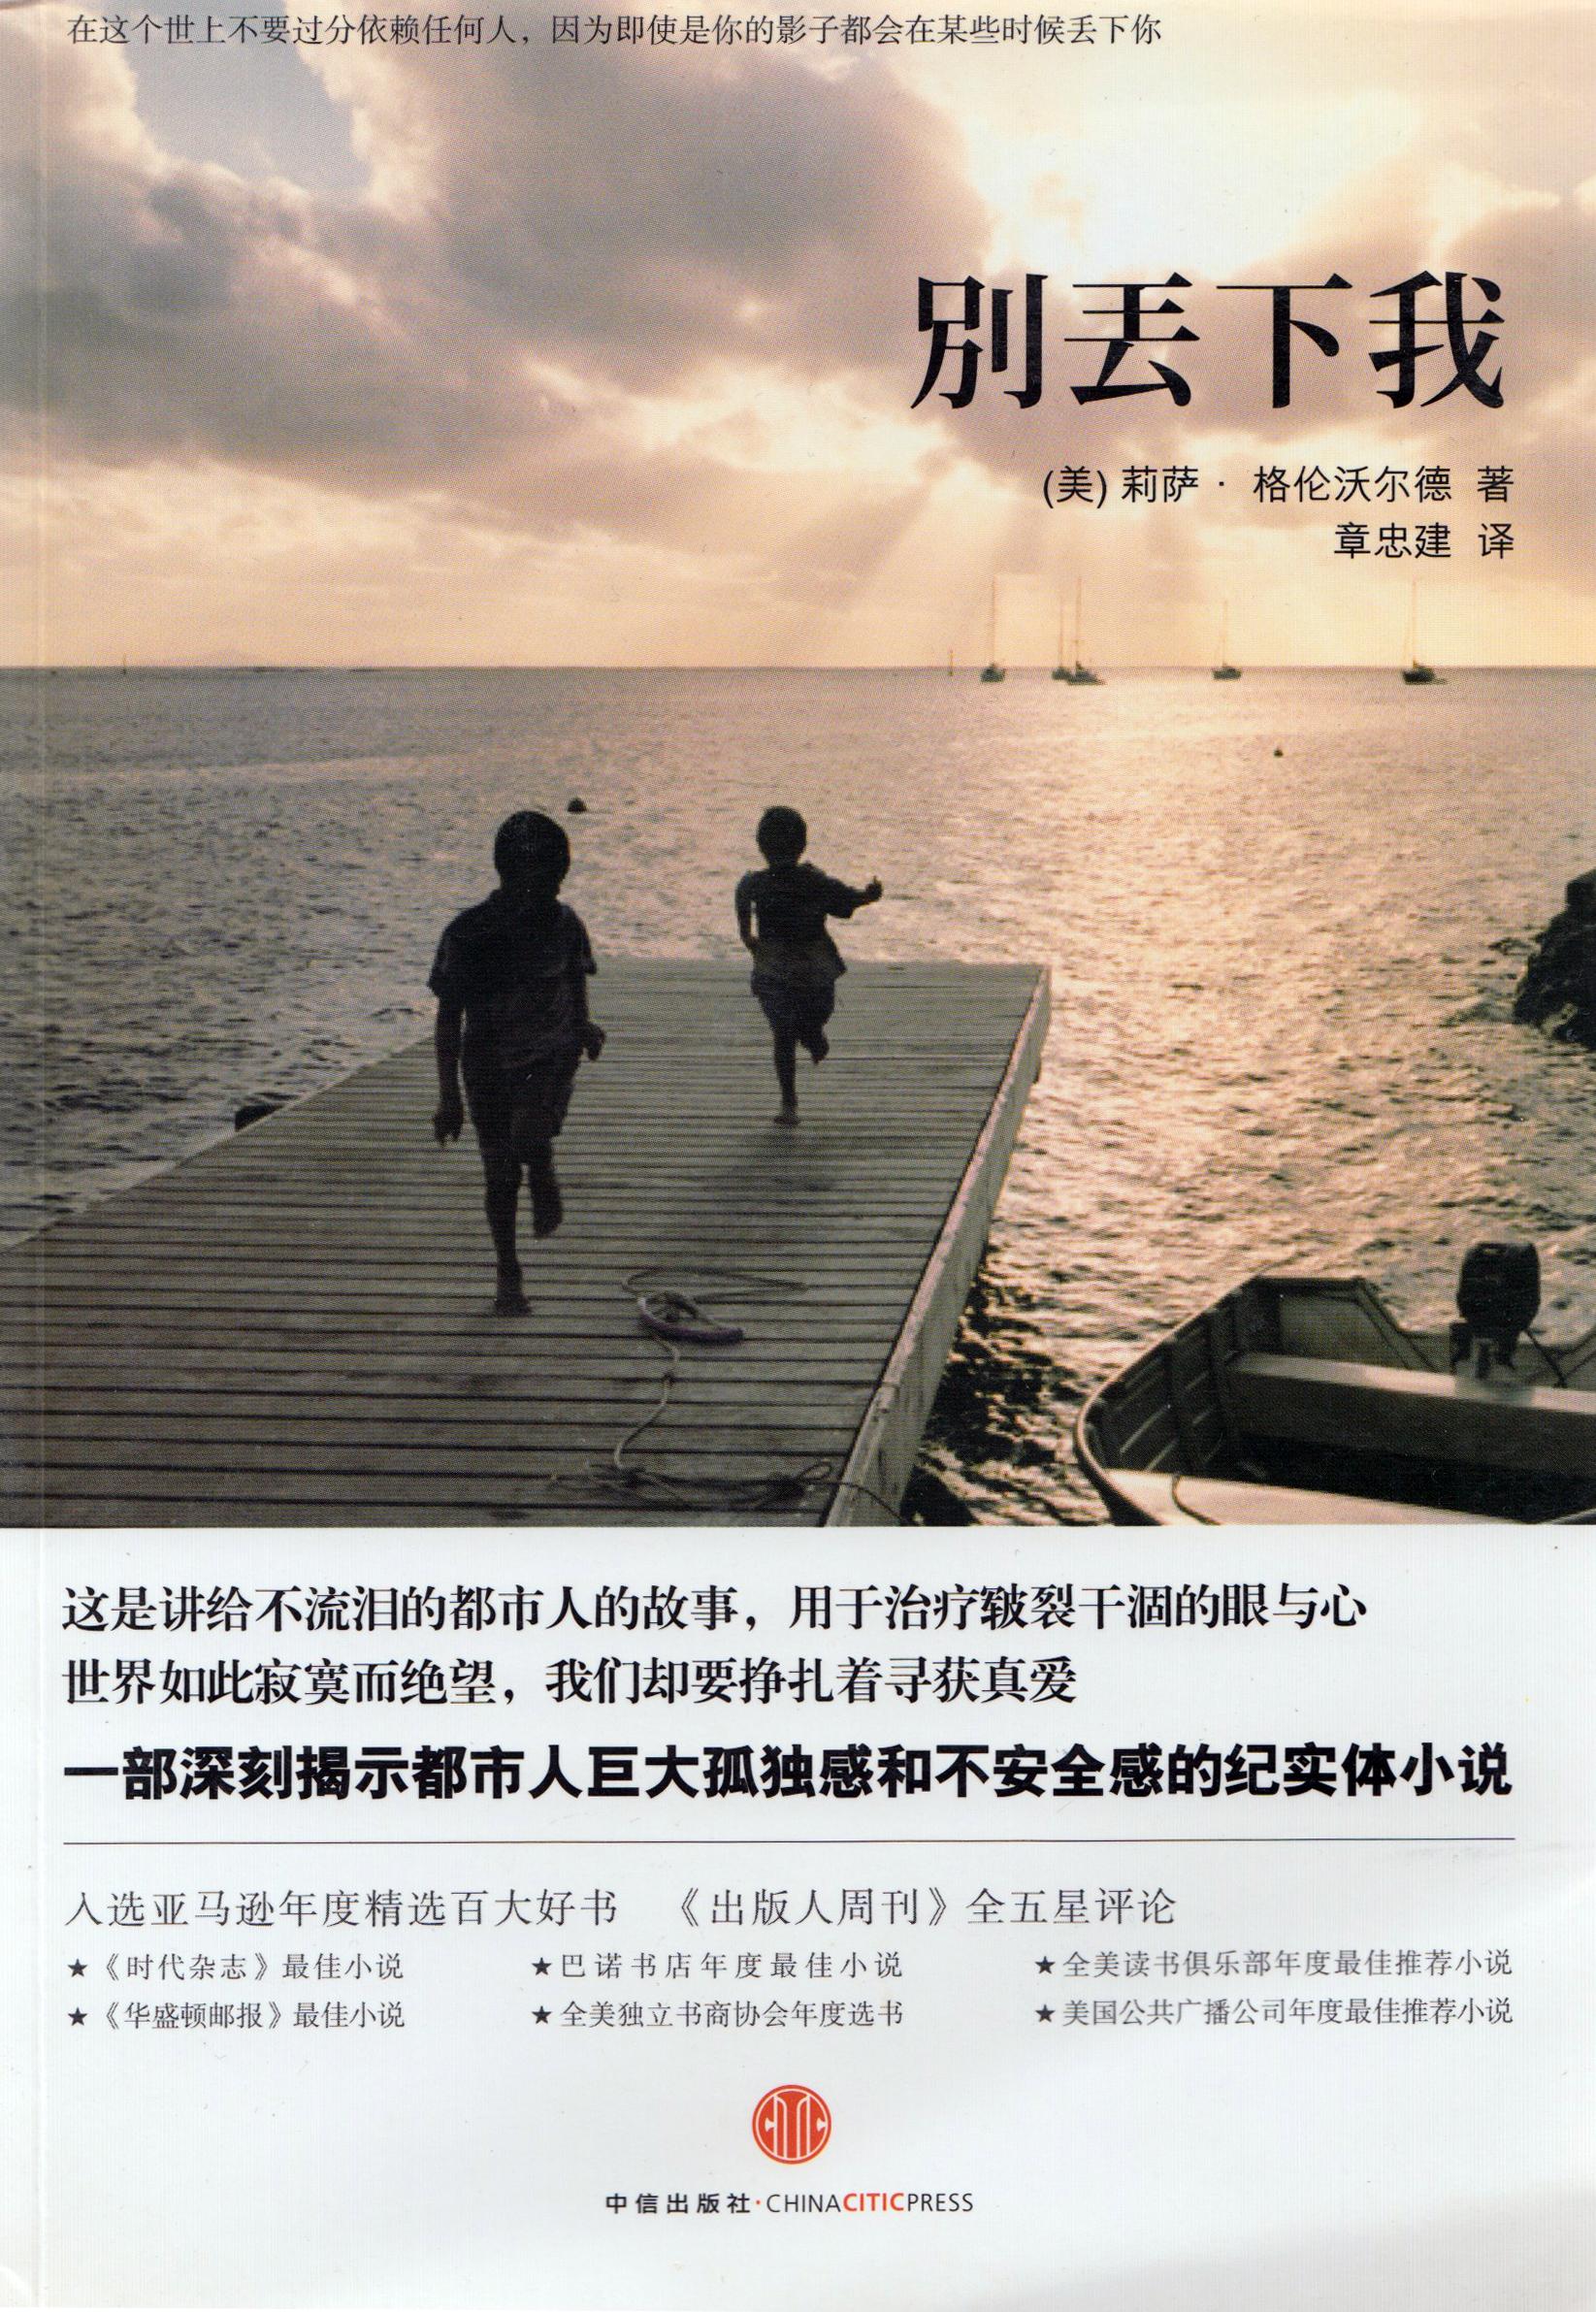 lga-henry-japan.jpg